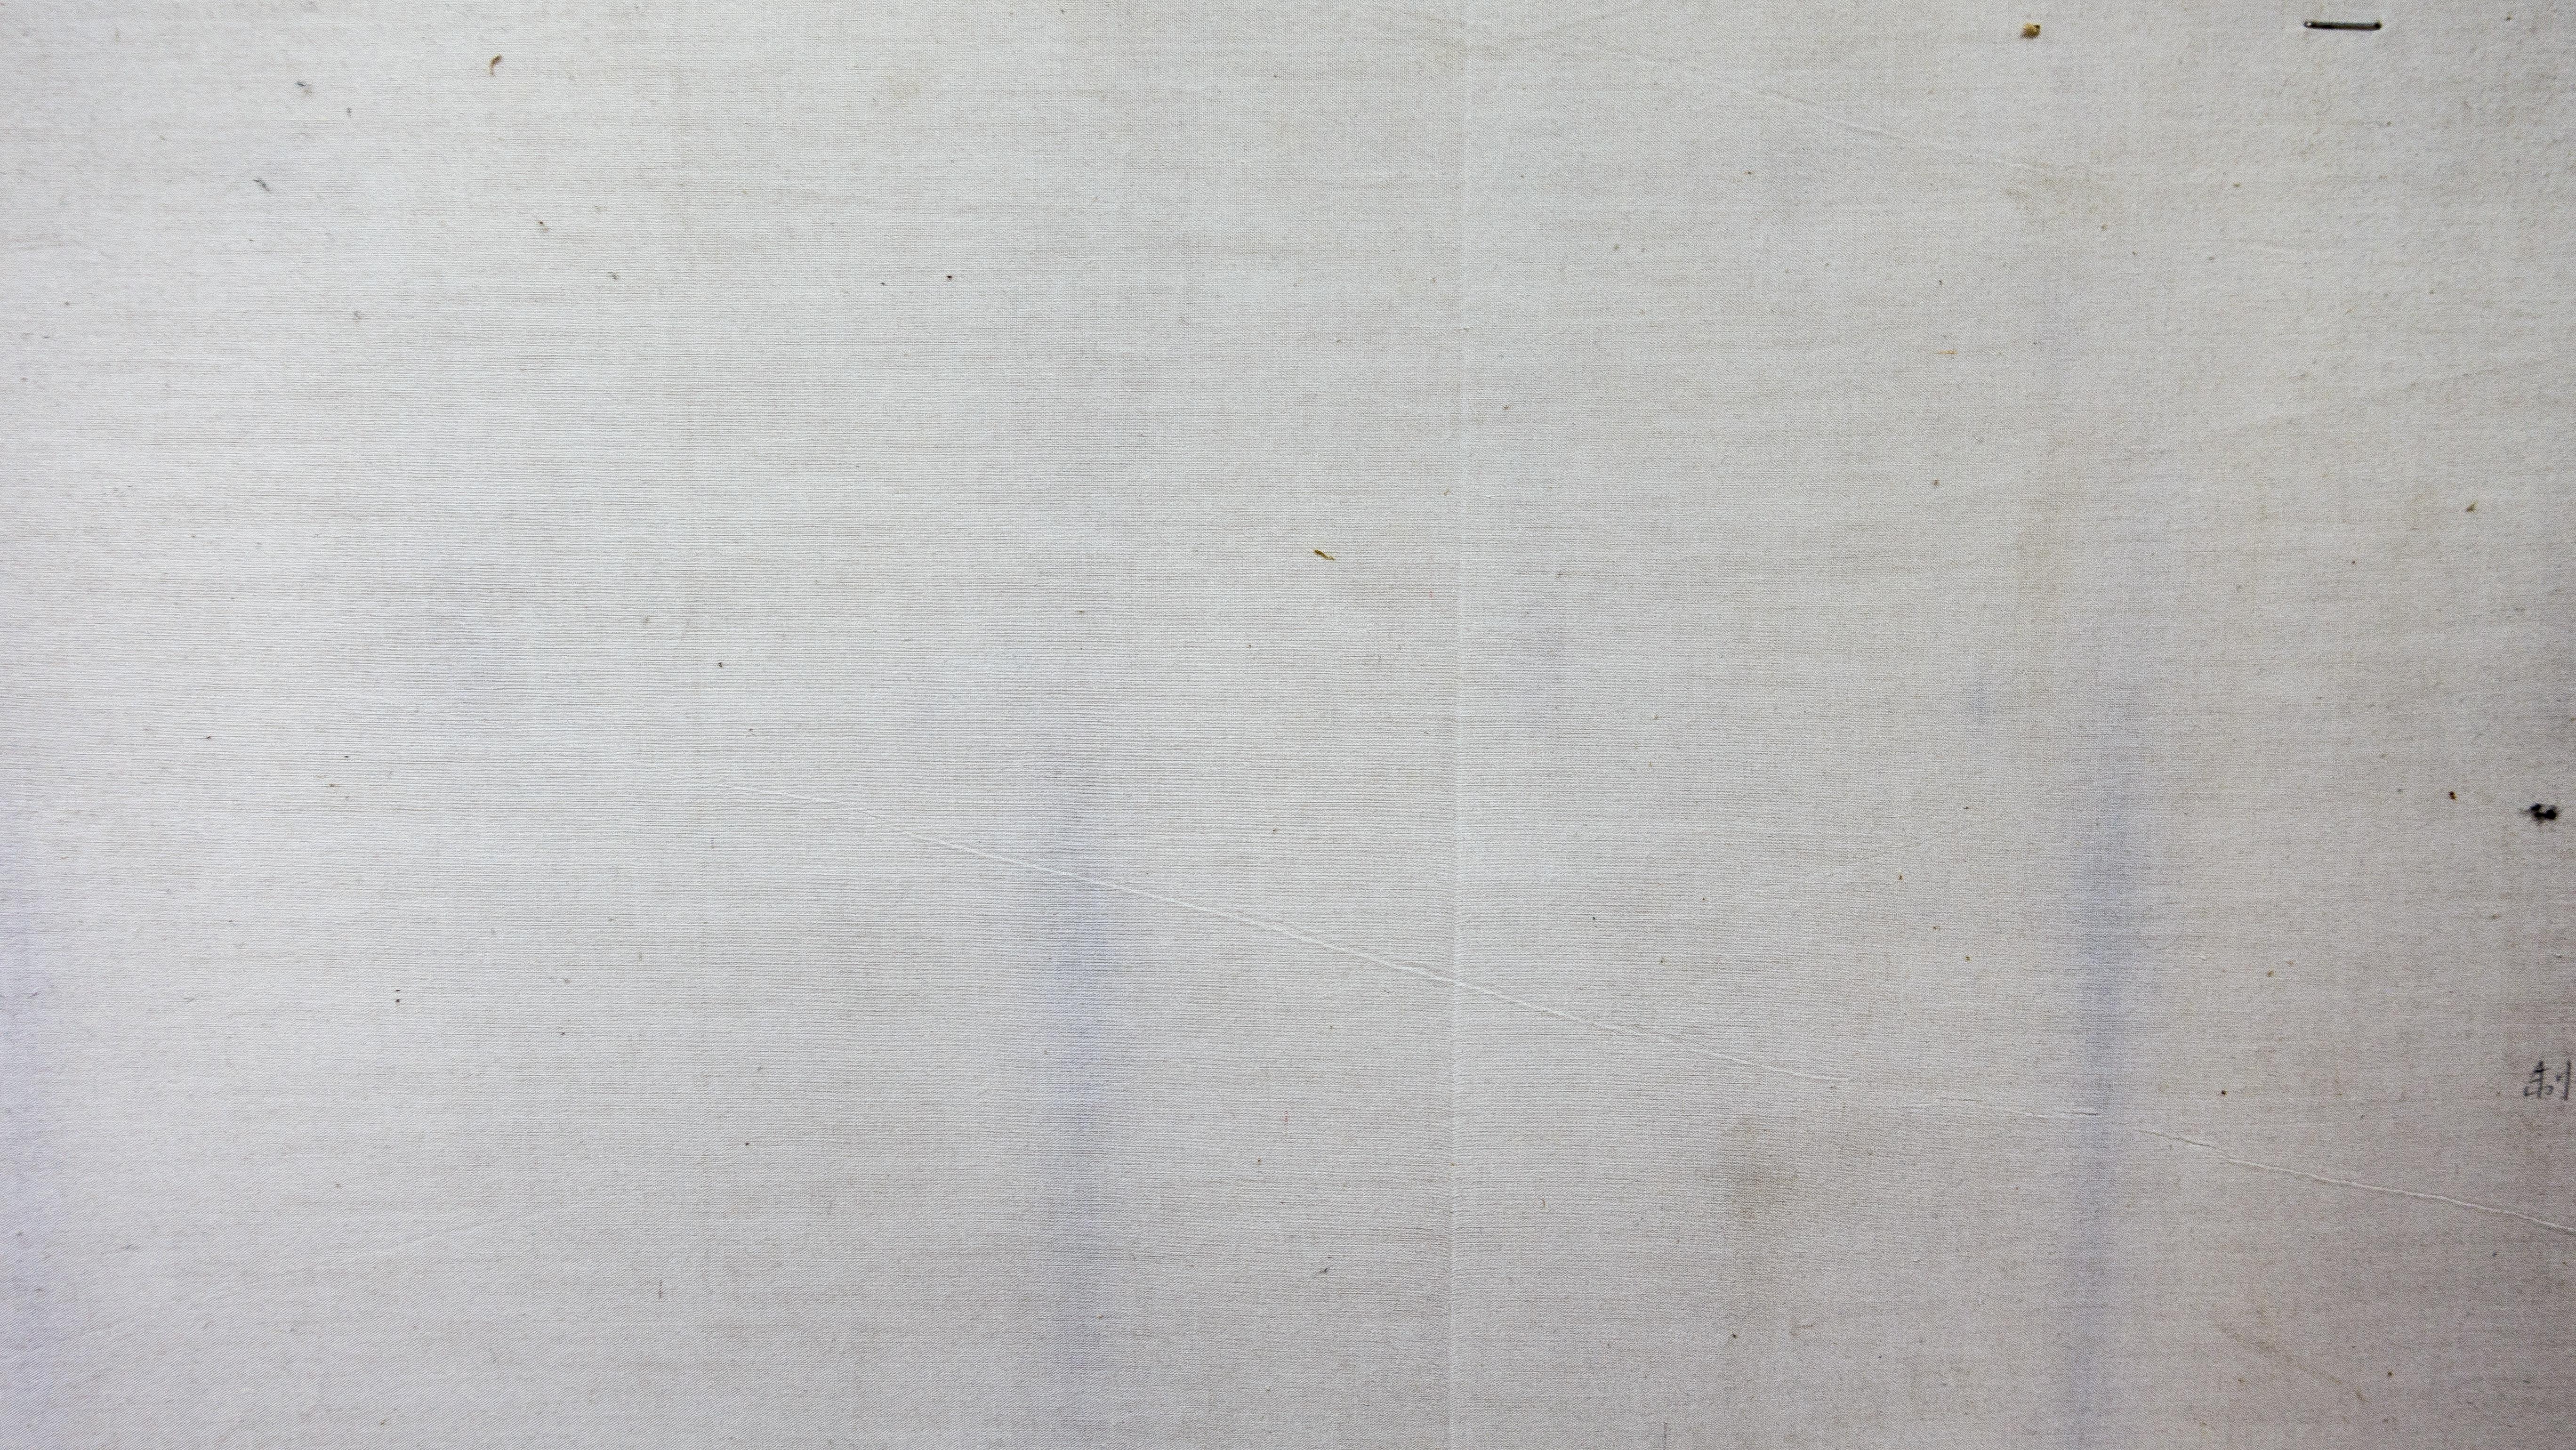 무료 이미지 : 목재, 화이트, 조직, 벽, 무늬, 선, 타일, 자료, 구조 ...